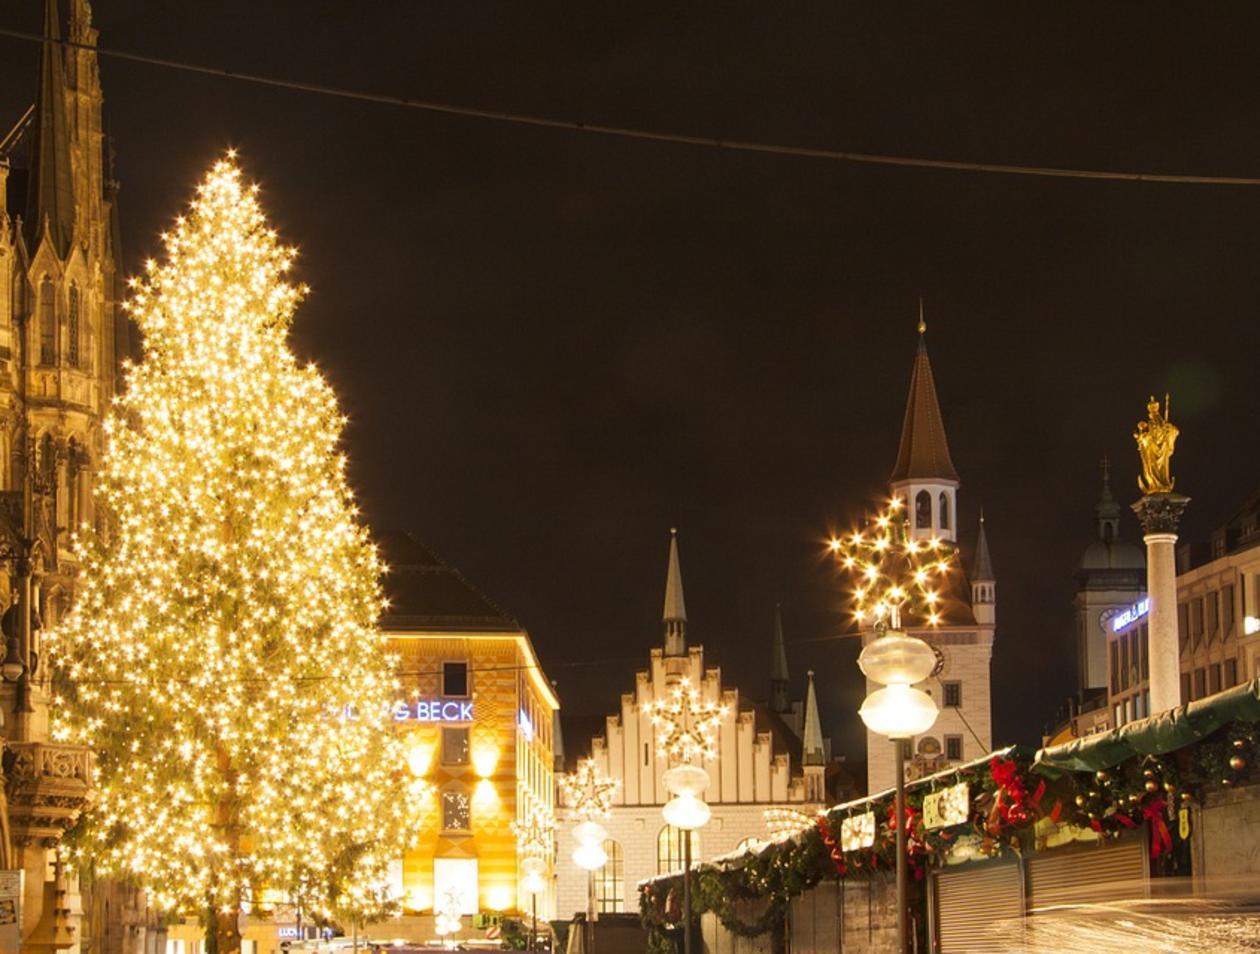 Weihnachtsmarkt Berlin Offen.Weihnachtsmärkte 2018 Alles Zu Terminen Anfahrt Und öffnungszeiten